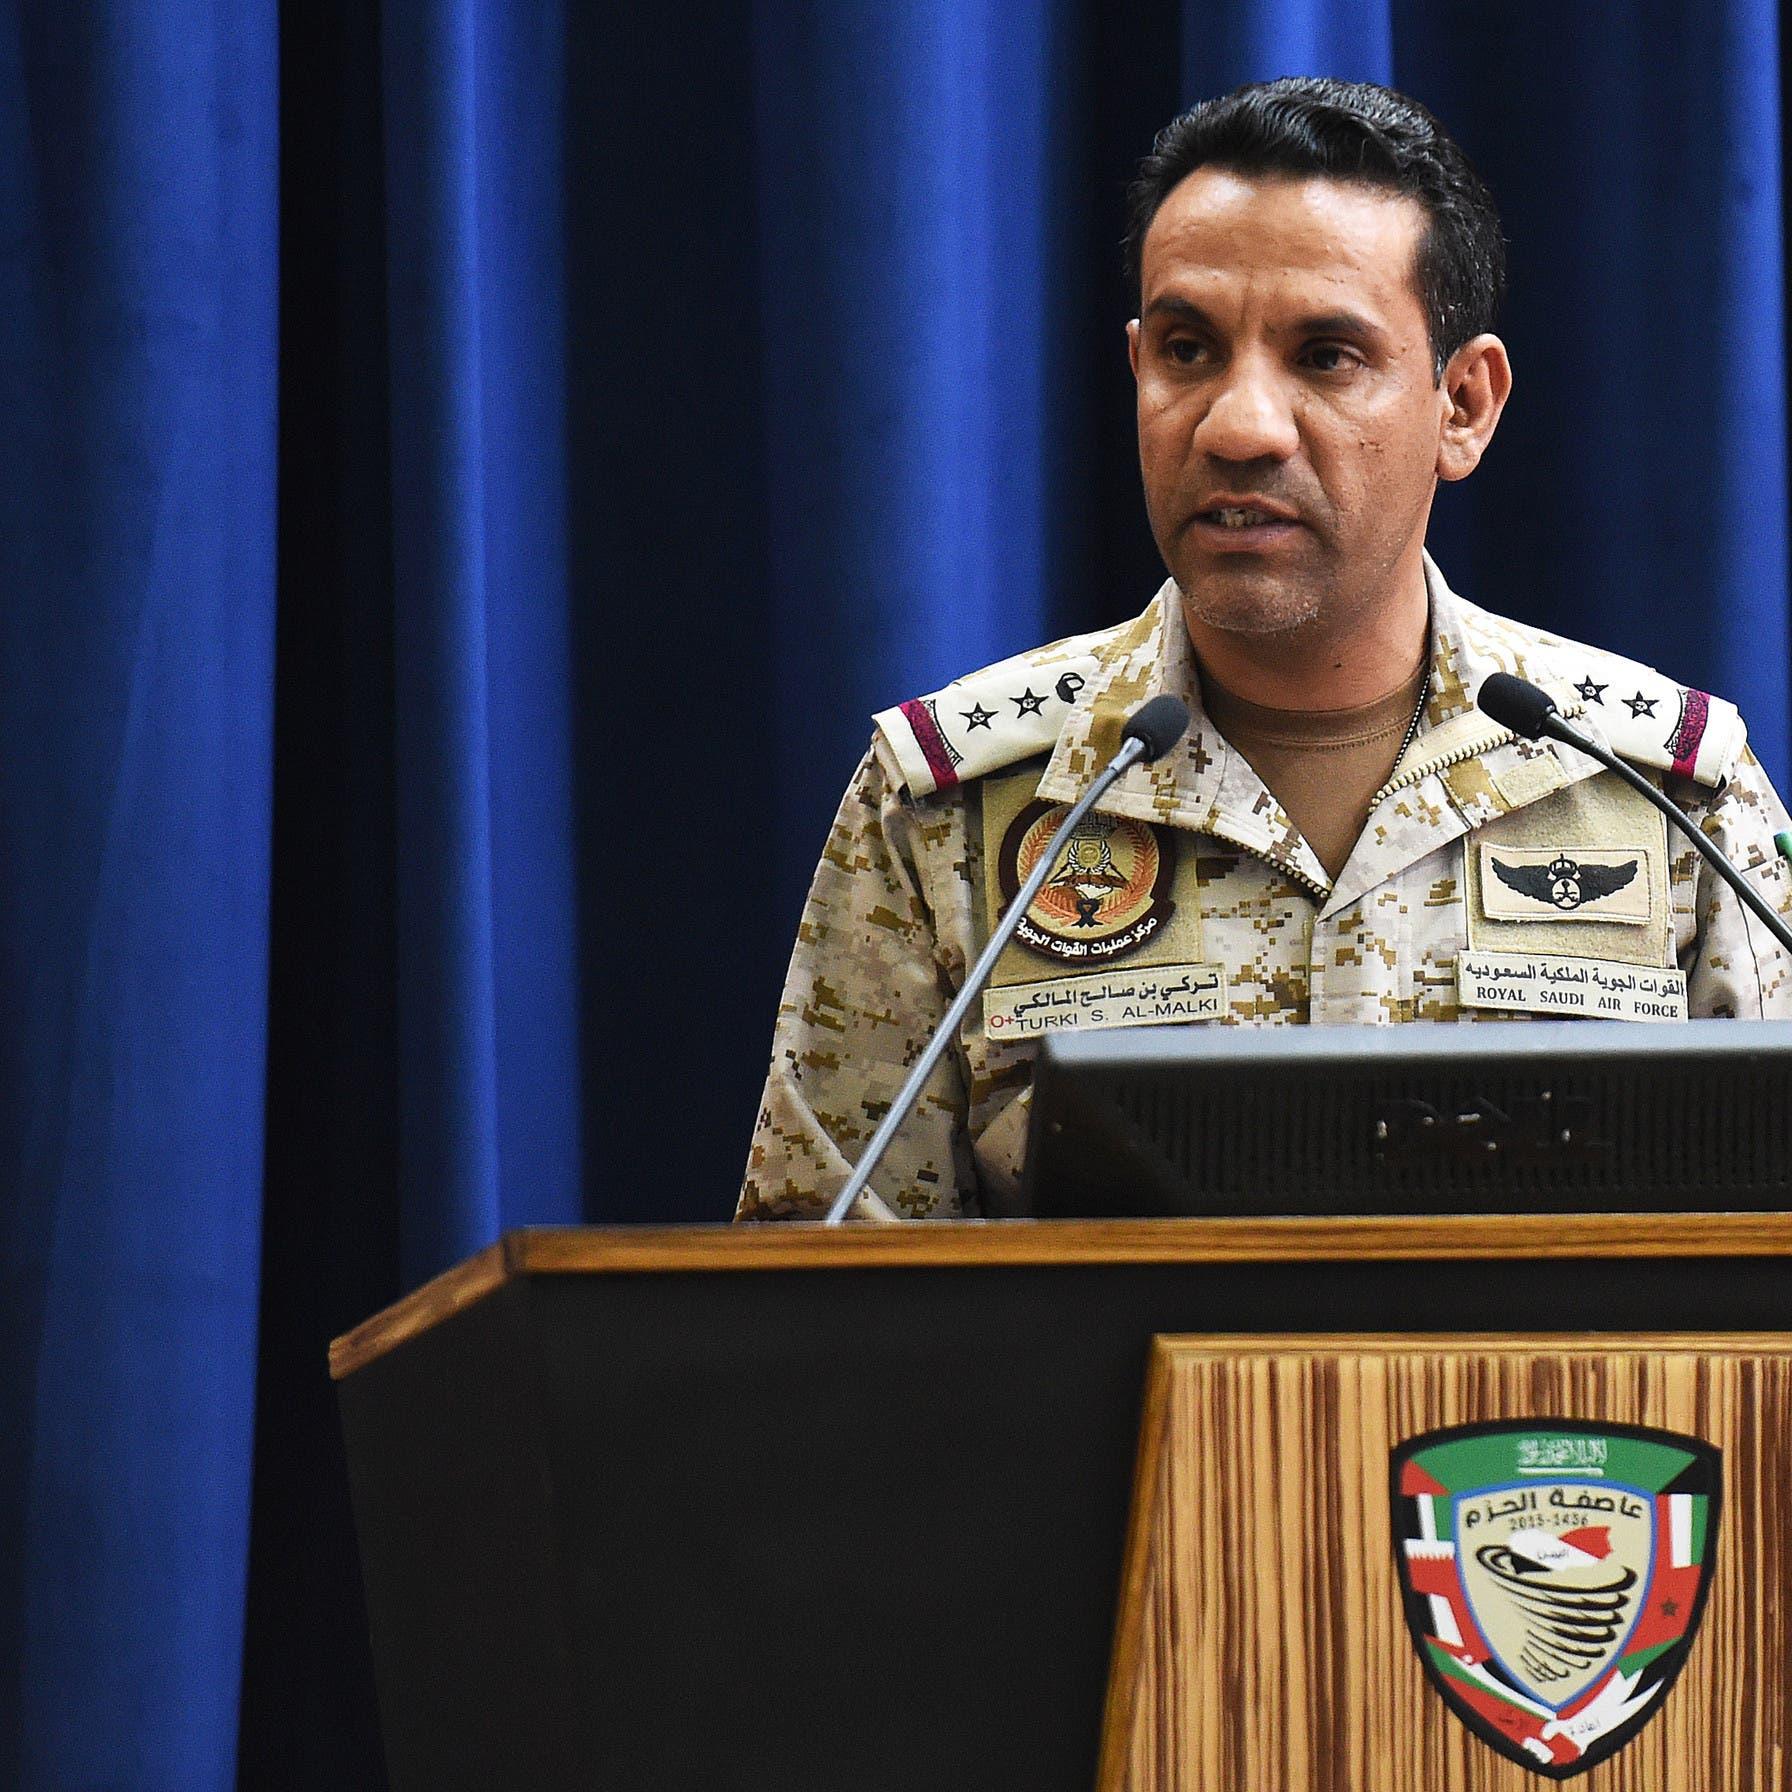 التحالف: اعتراض وتدمير درون حوثية وباليستي باتجاه نجران